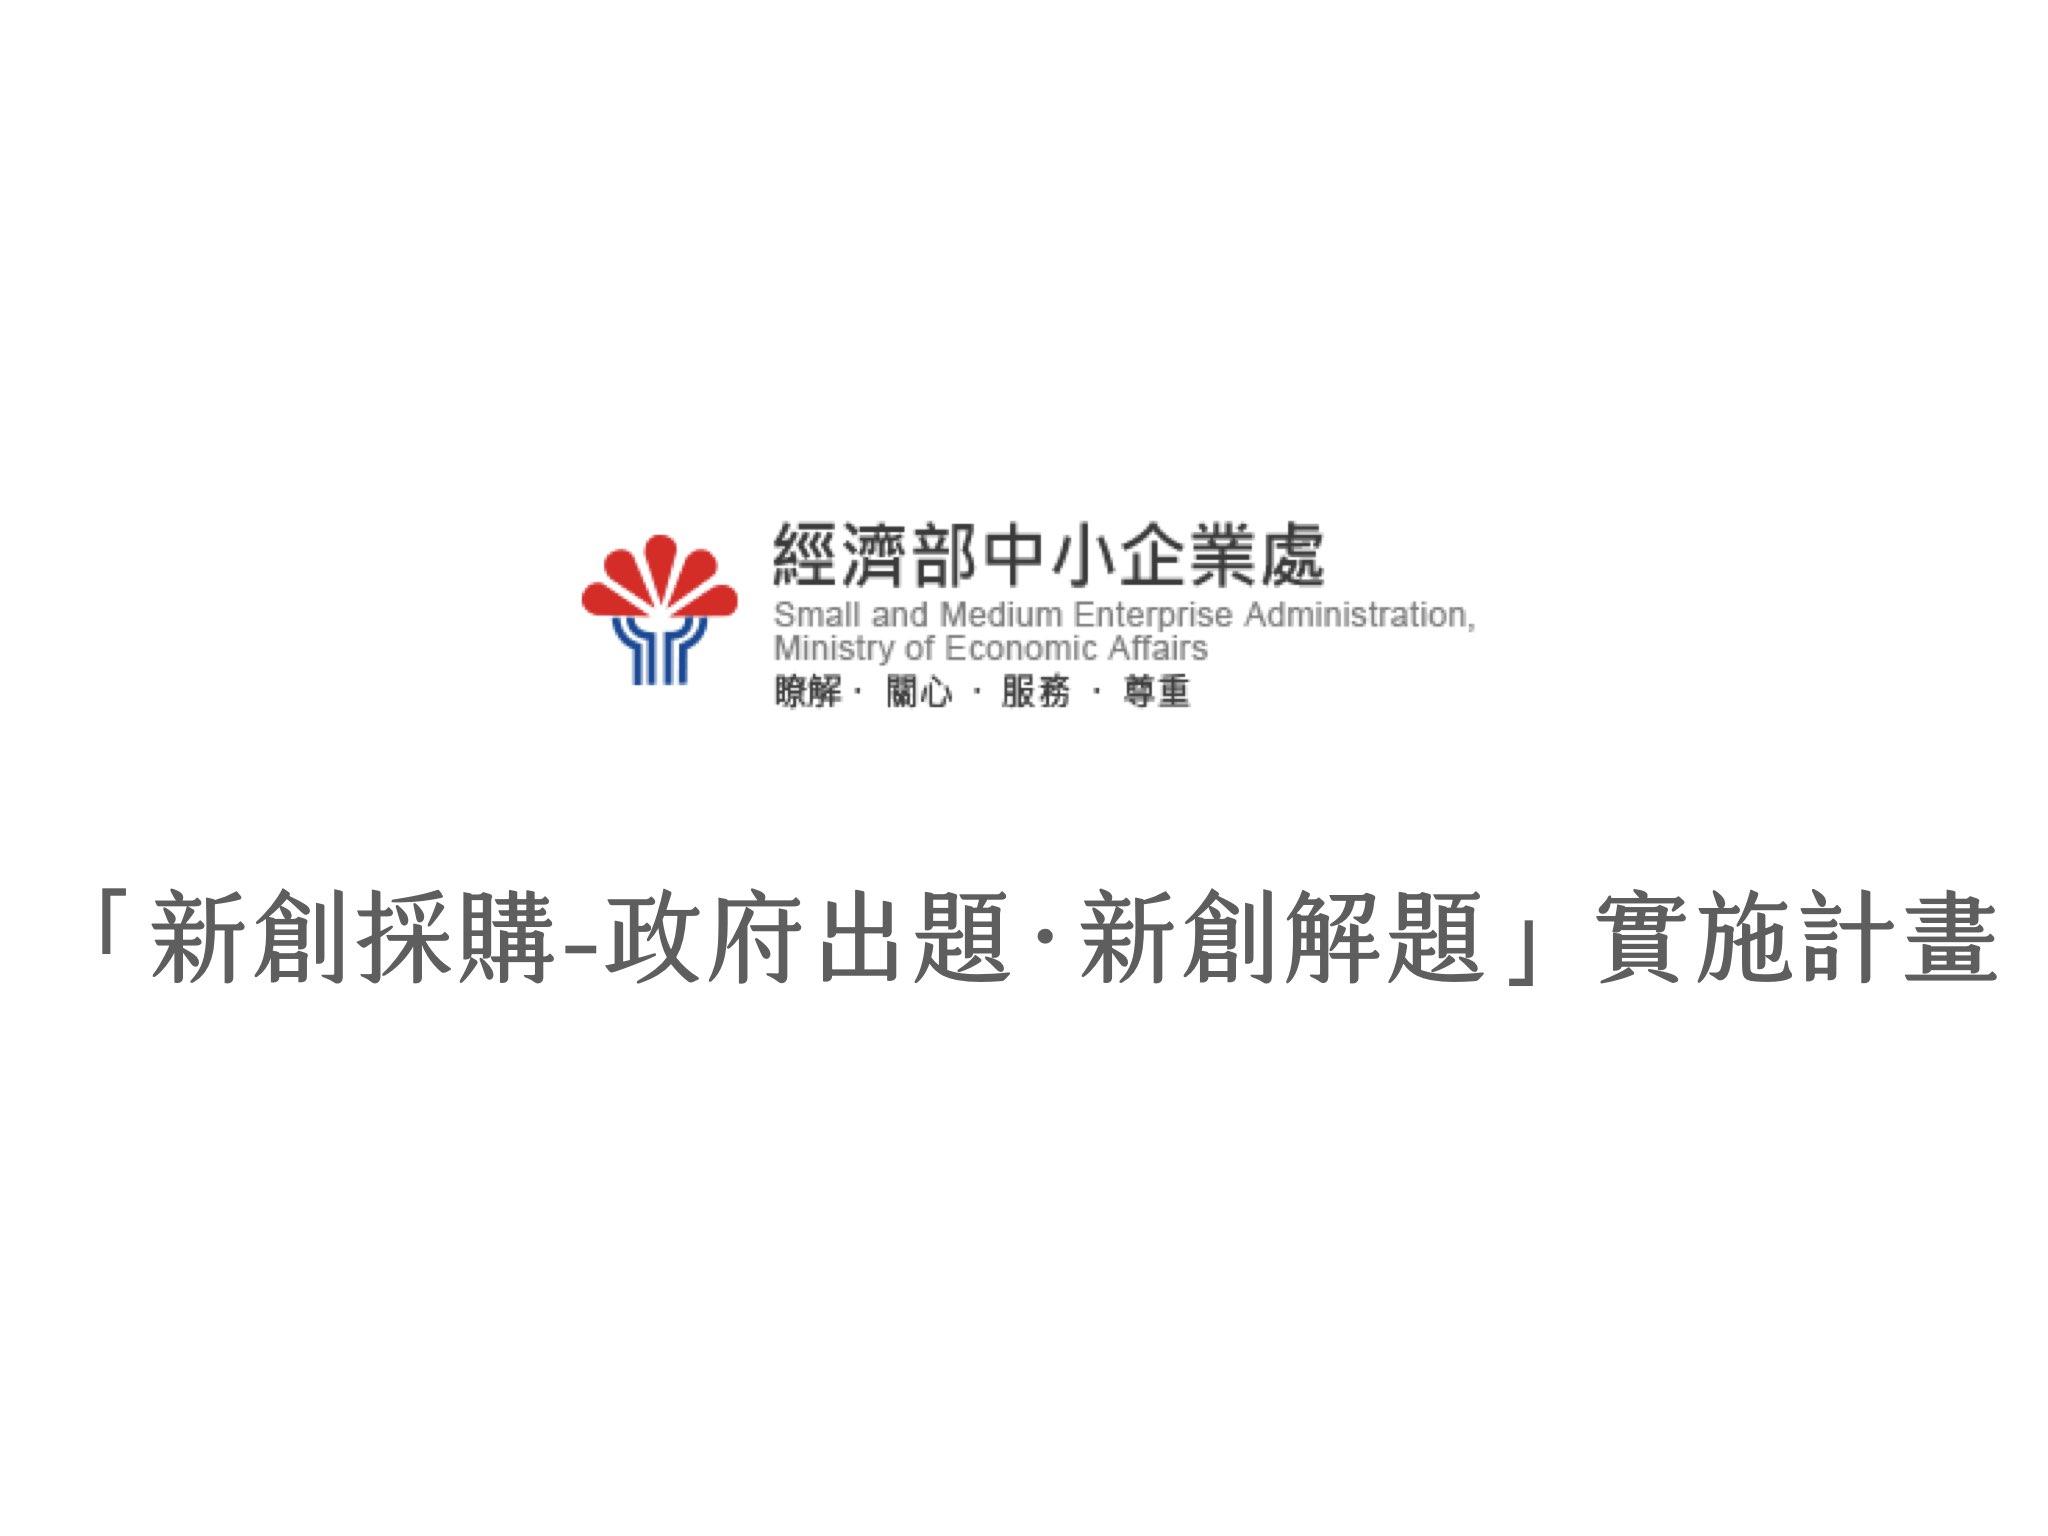 經濟部中小企業處「新創採購-政府出題‧新創解題」實施計畫